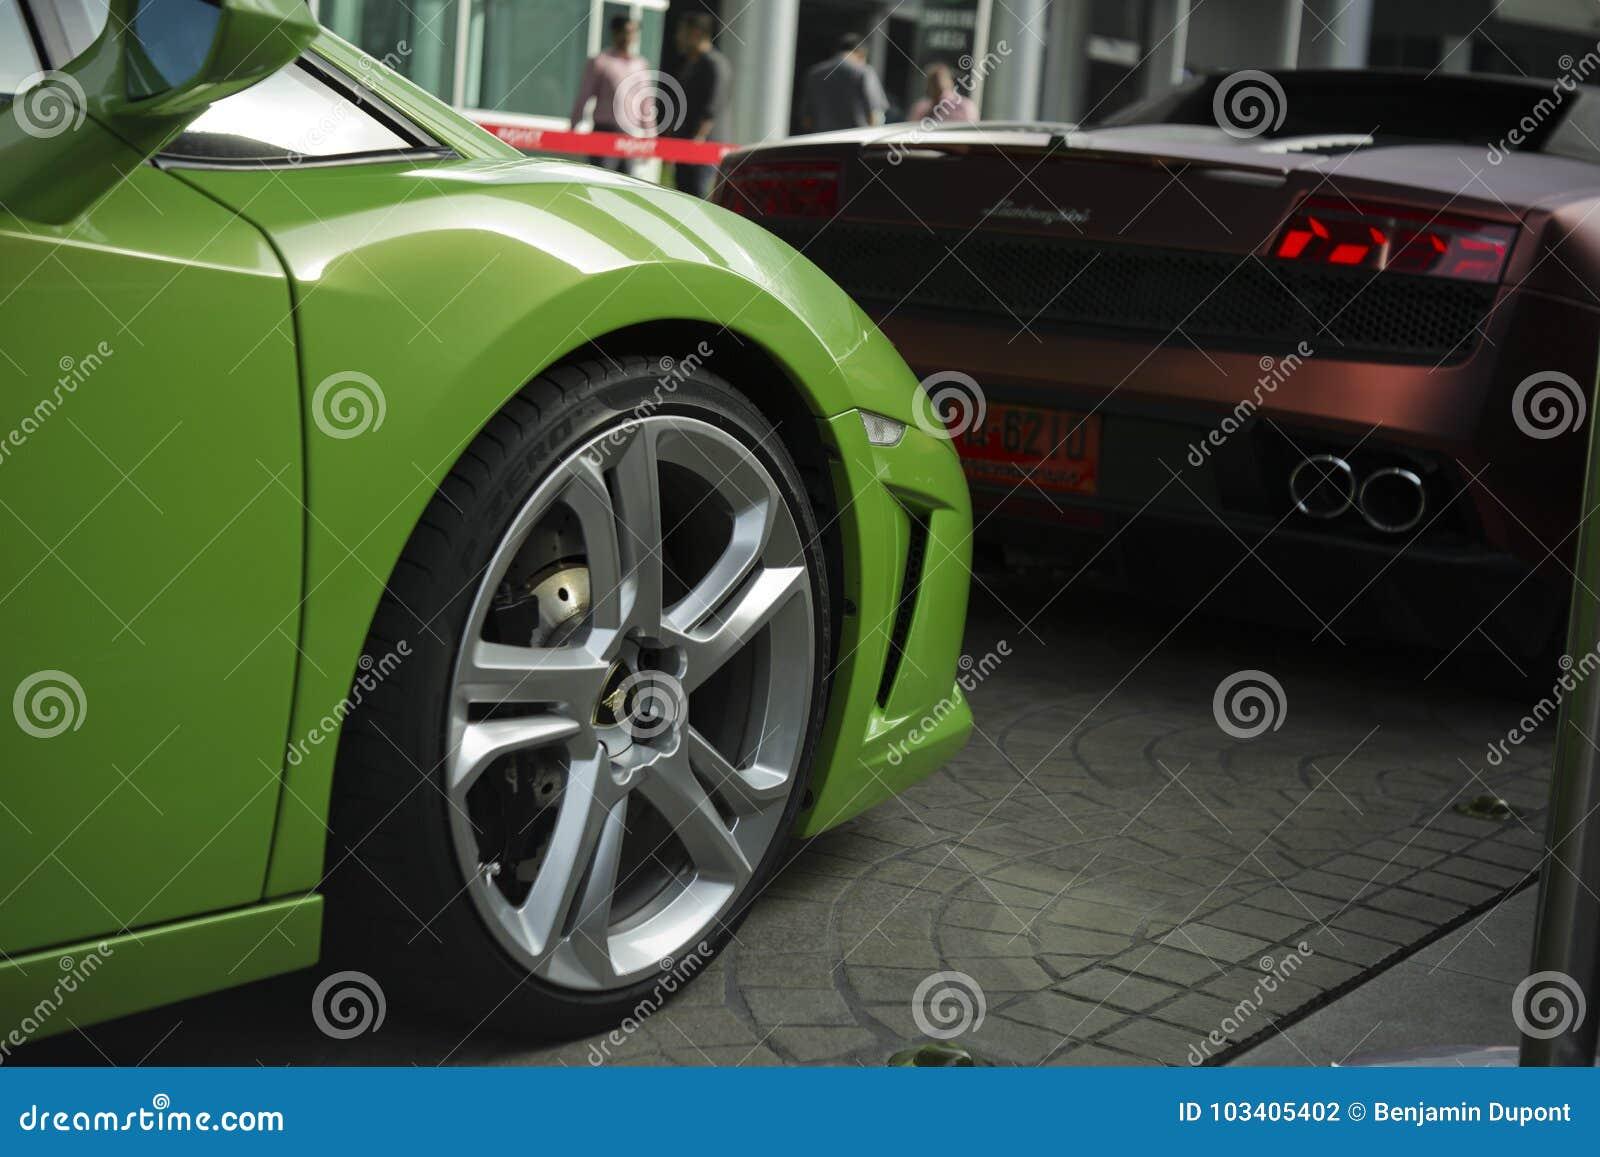 Lamborghini Gallardo Coupe Front Close Up And Rear View Editorial